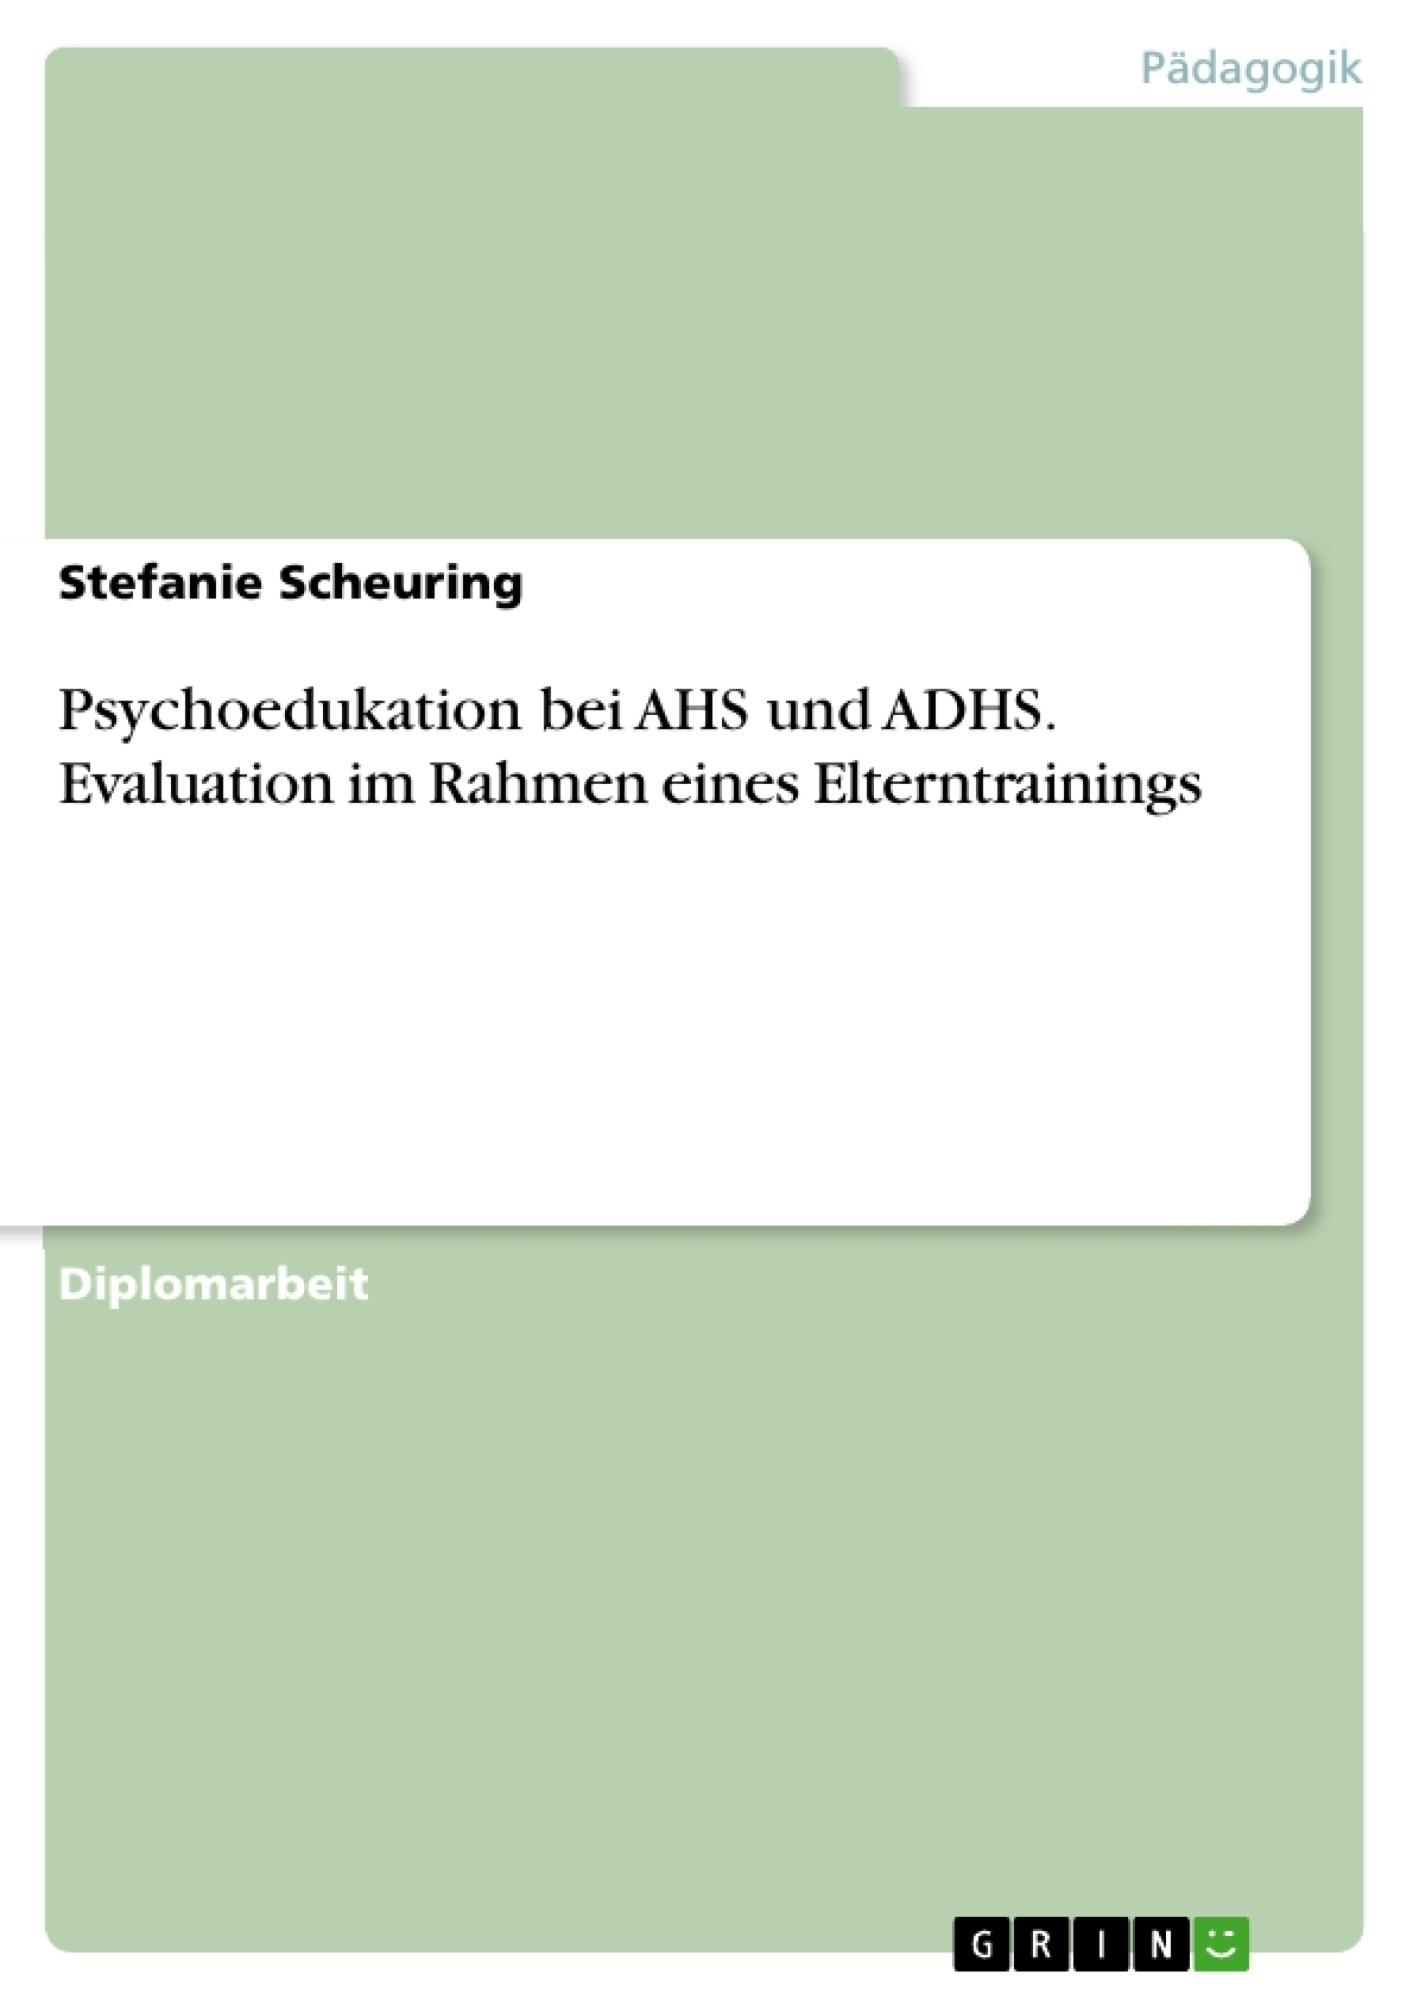 Titel: Psychoedukation bei AHS und ADHS. Evaluation im Rahmen eines Elterntrainings